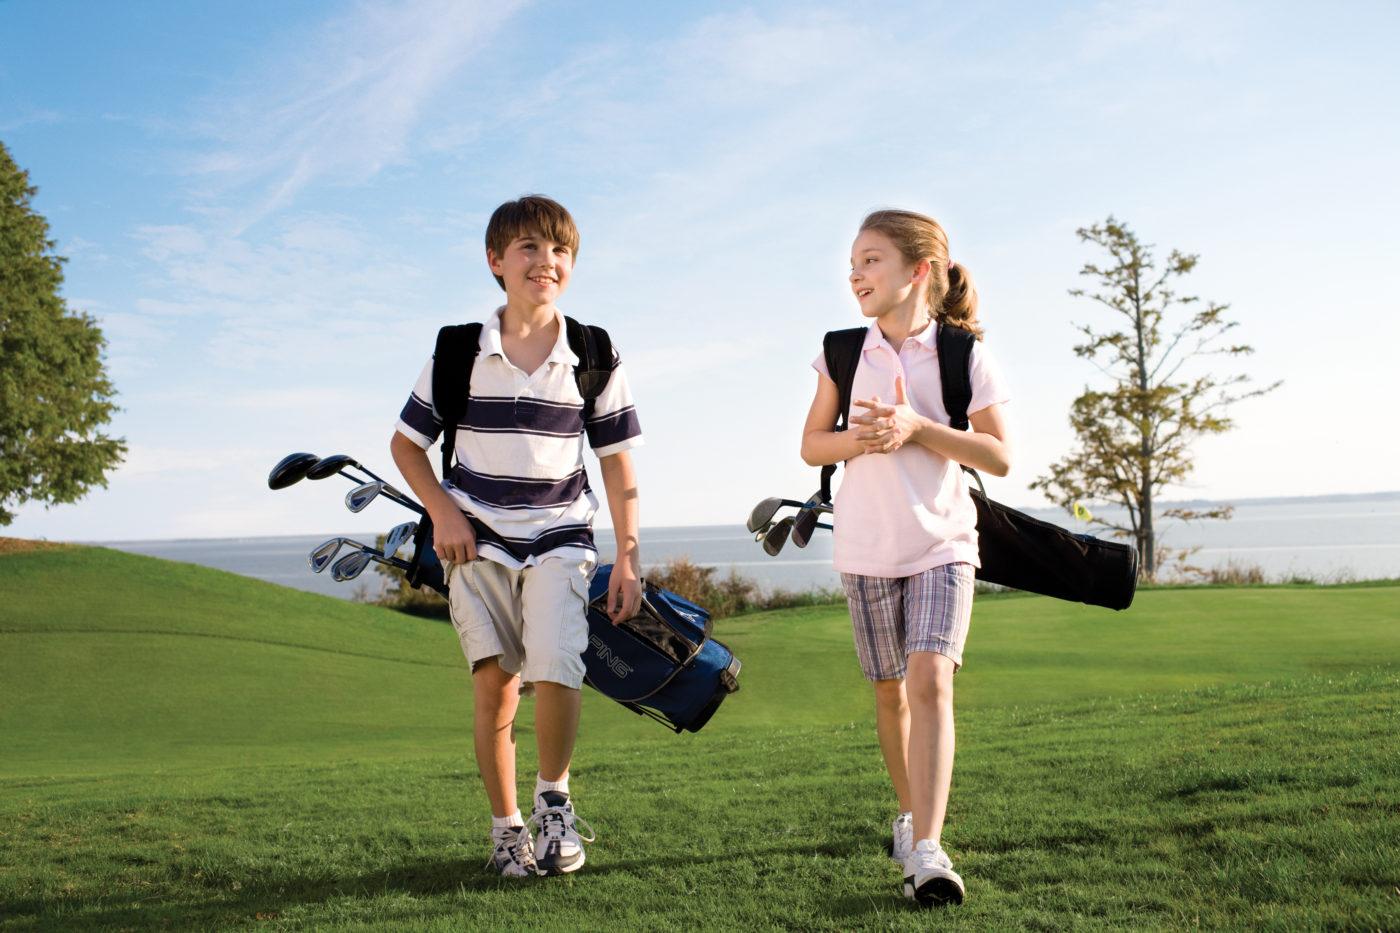 https://secureservercdn.net/104.238.69.231/tbs.145.myftpupload.com/wp-content/uploads/2019/09/Junior-Golf-Camps-e1571601442223.jpg?time=1620424722